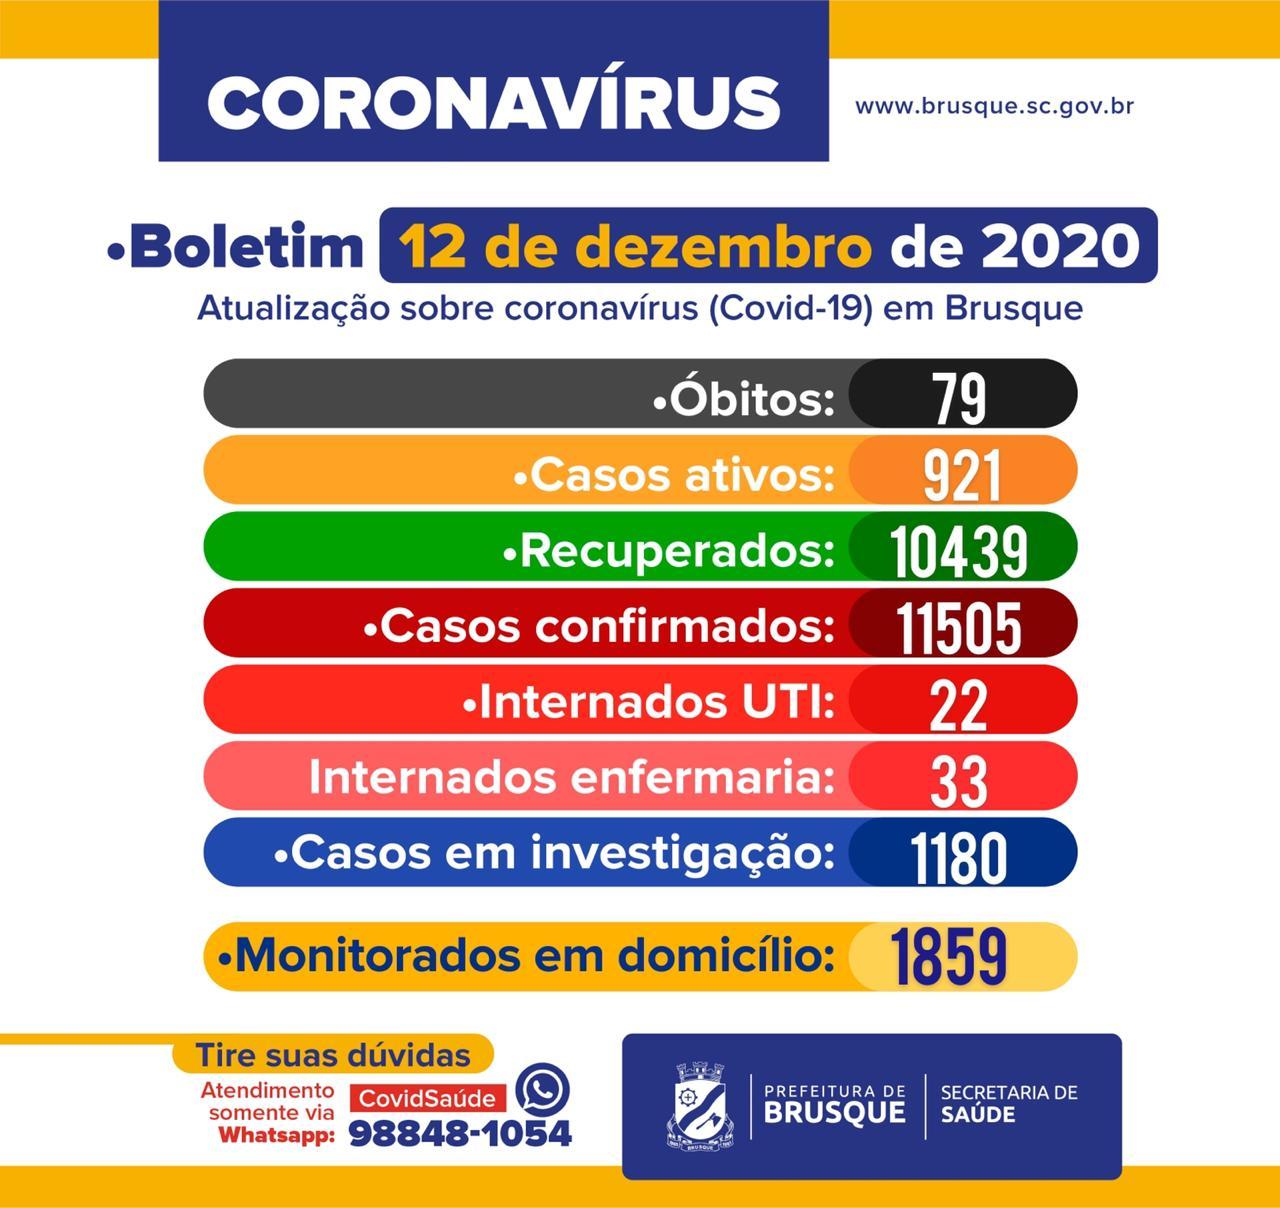 Brusque registra mais uma morte por coronavírus. Confira o boletim epidemiológico deste sábado (12)